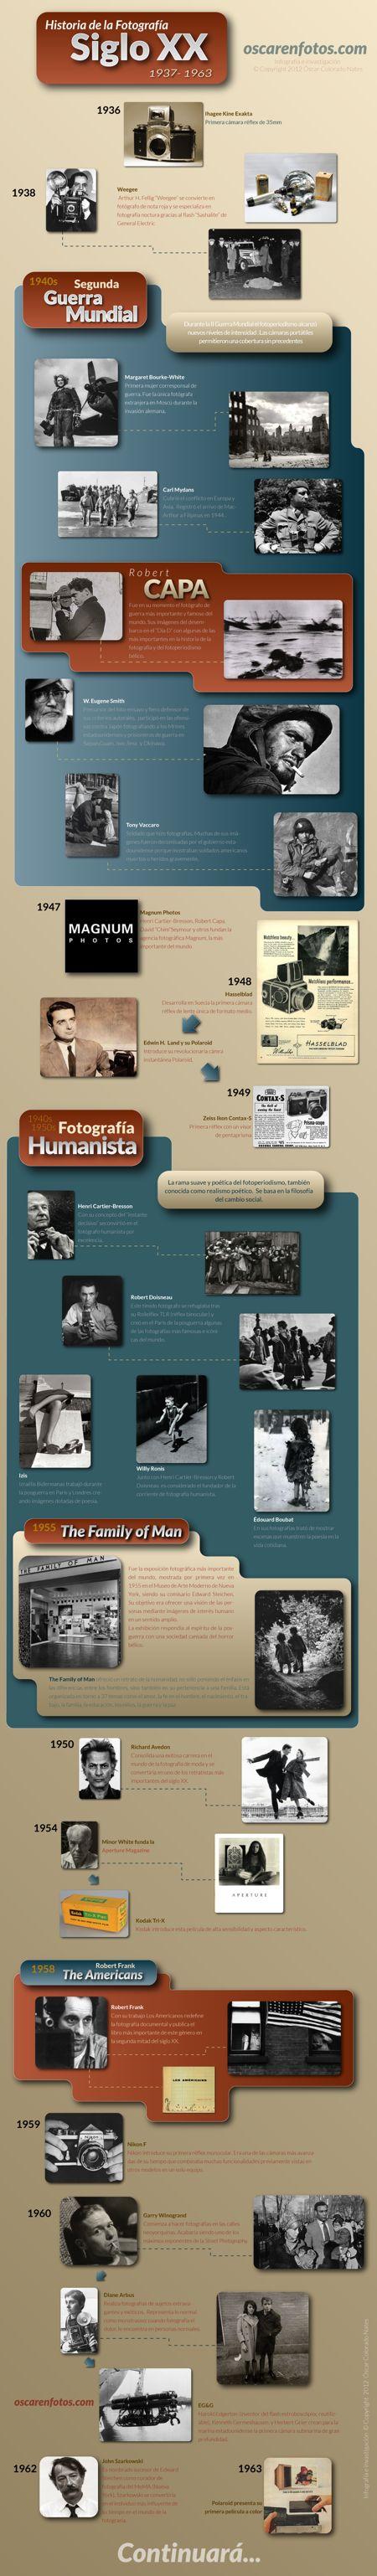 Historia de la fotografía, 1937 a 1963 | Oscar en Fotos